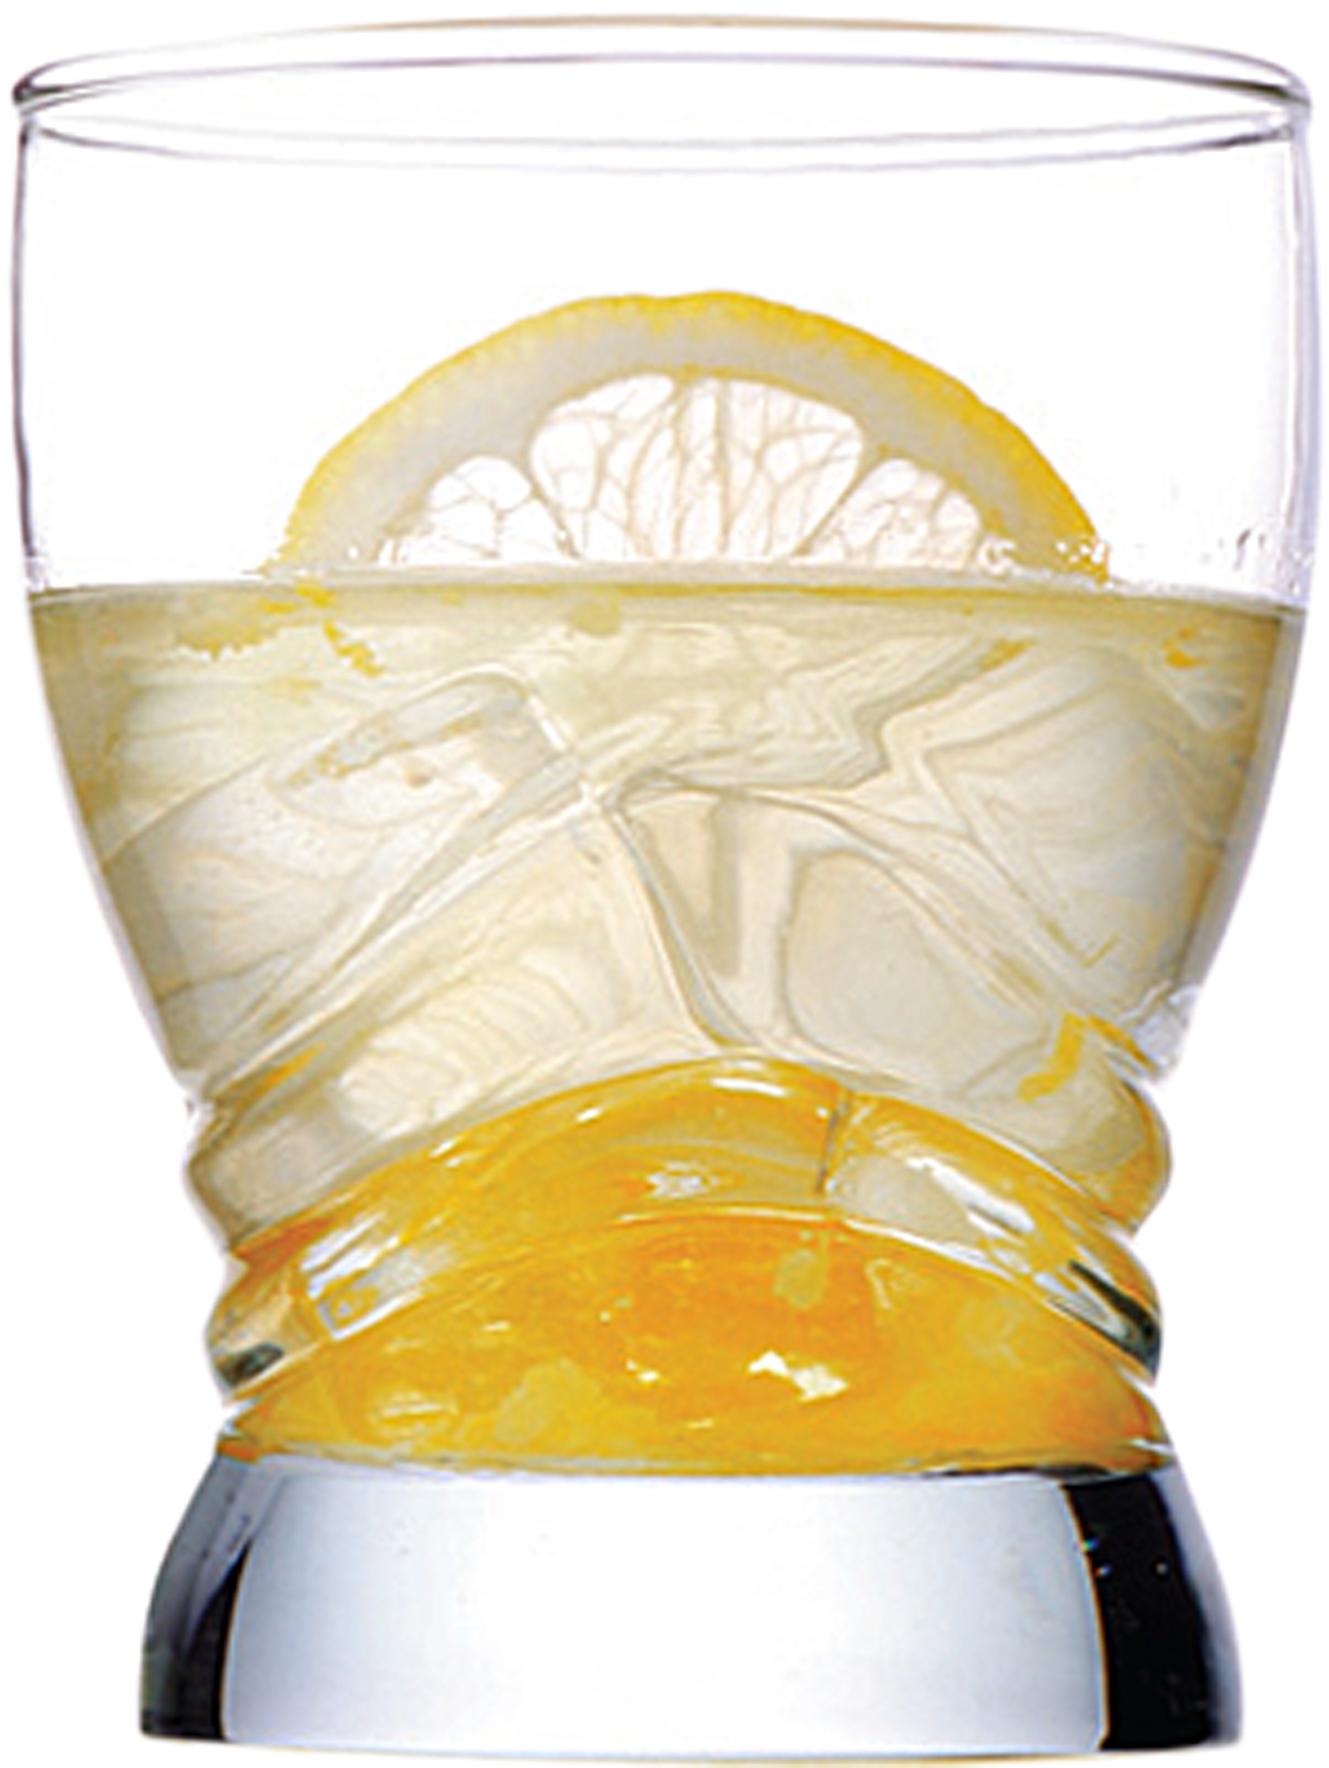 Ποτήρι Κρασιού Σετ 6τμχ Adrasan 195ml IZ ARS/05 (Υλικό: Γυαλί, Χρώμα: Διάφανο ) – EVE – 4-IZ ARS/05